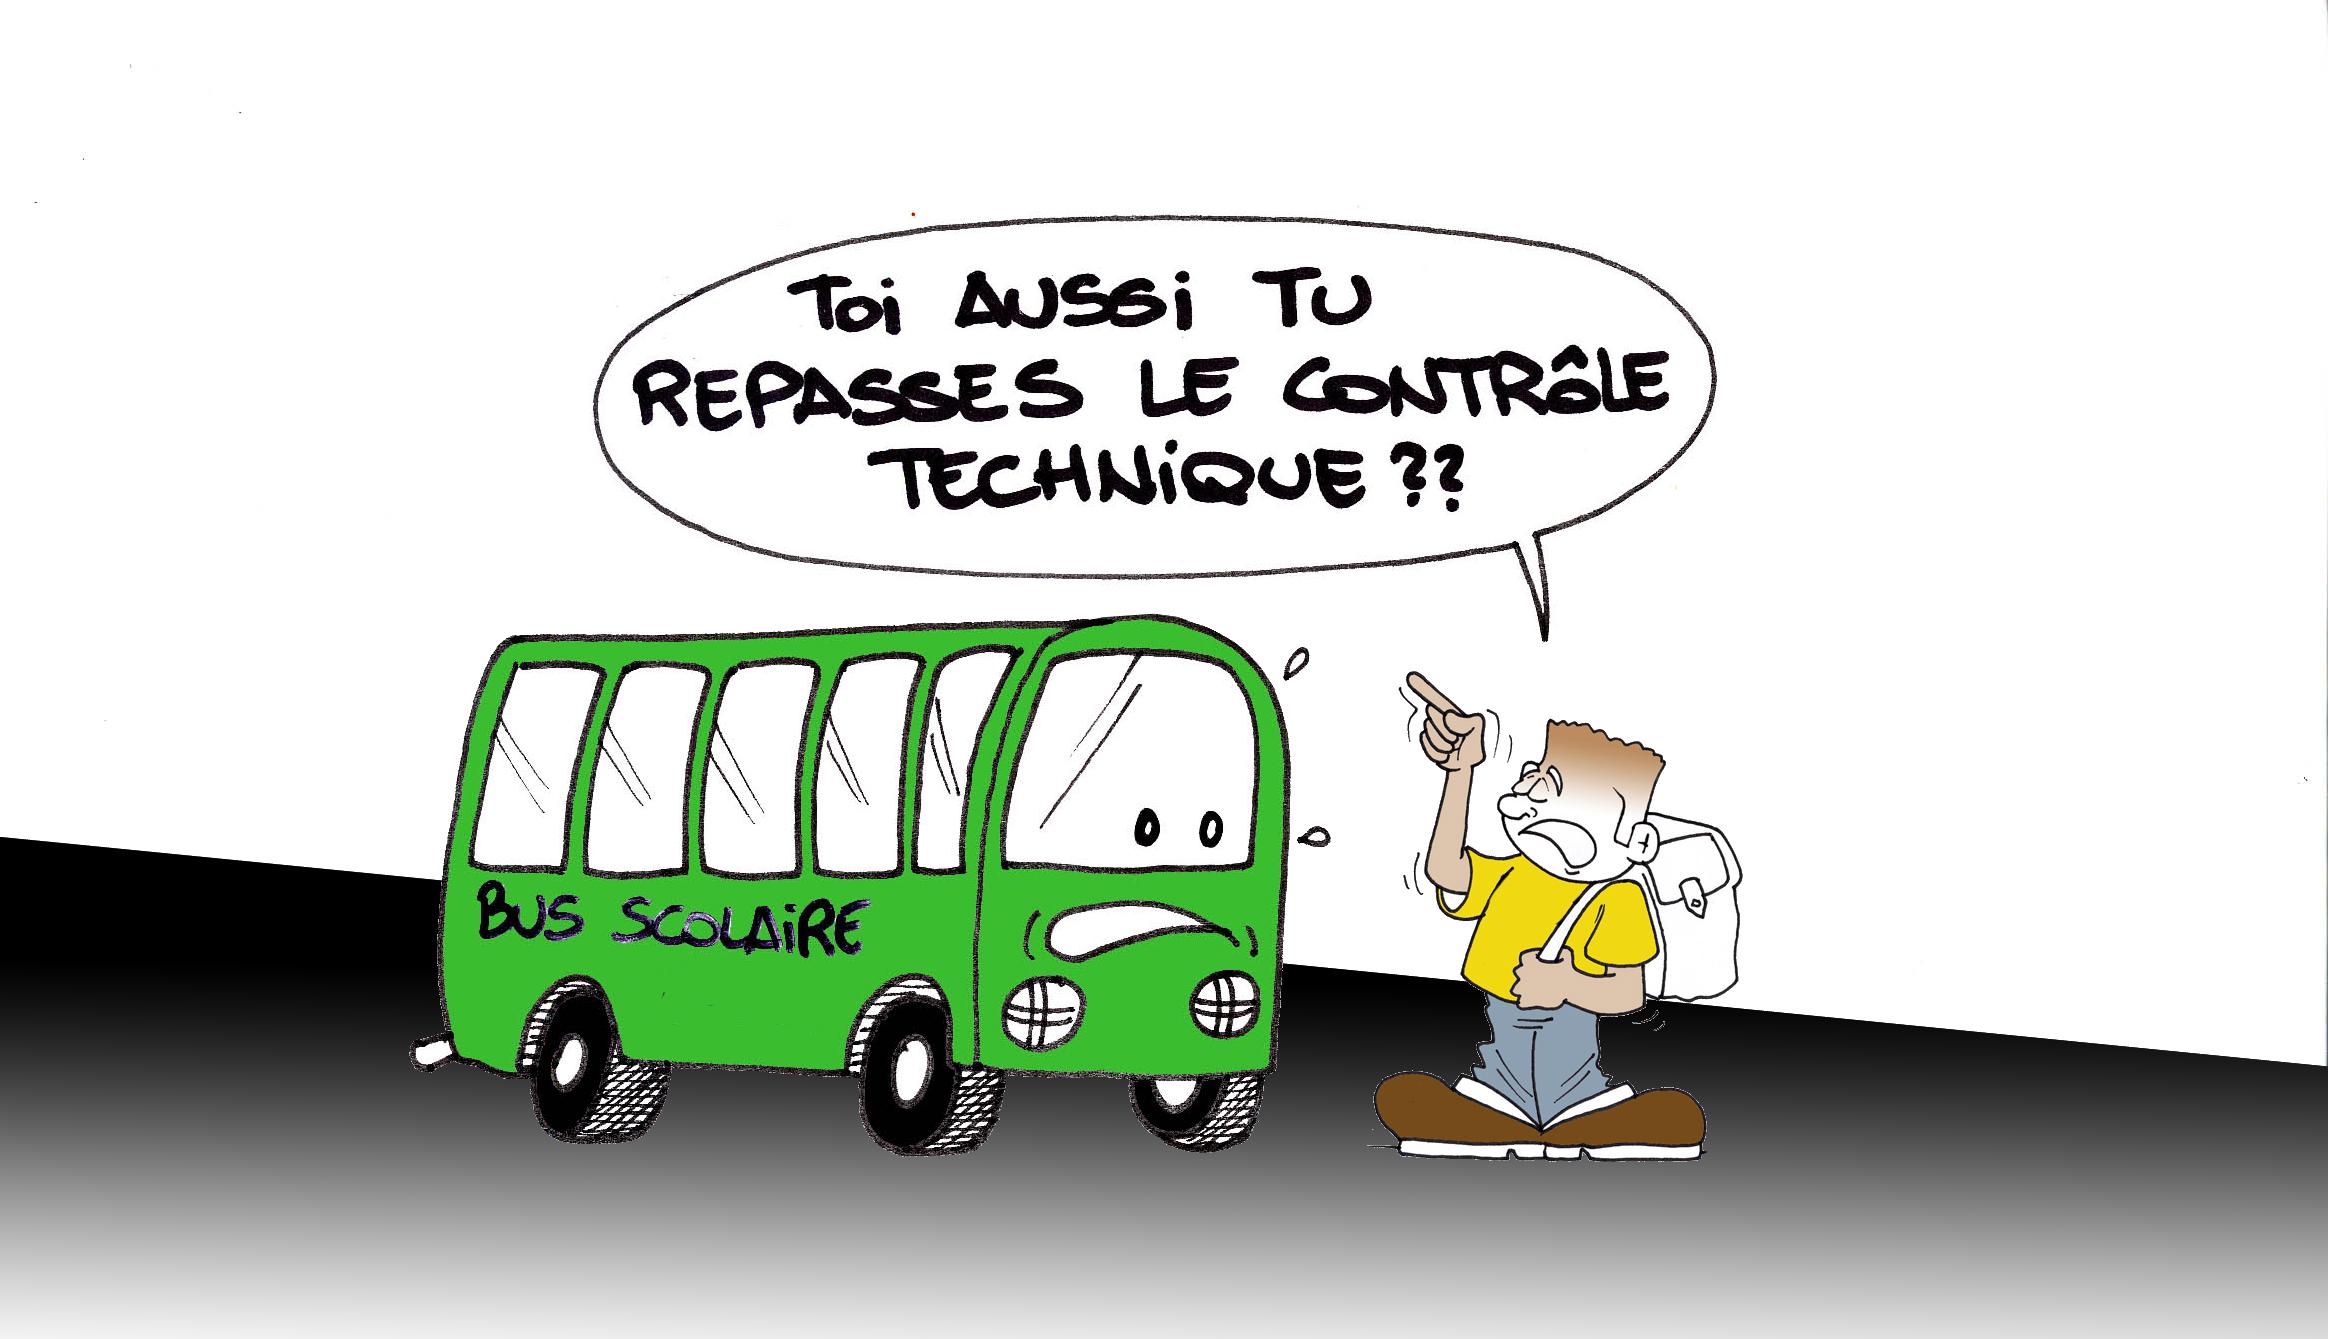 """"""" Bus scolaire """" vu par Munoz"""